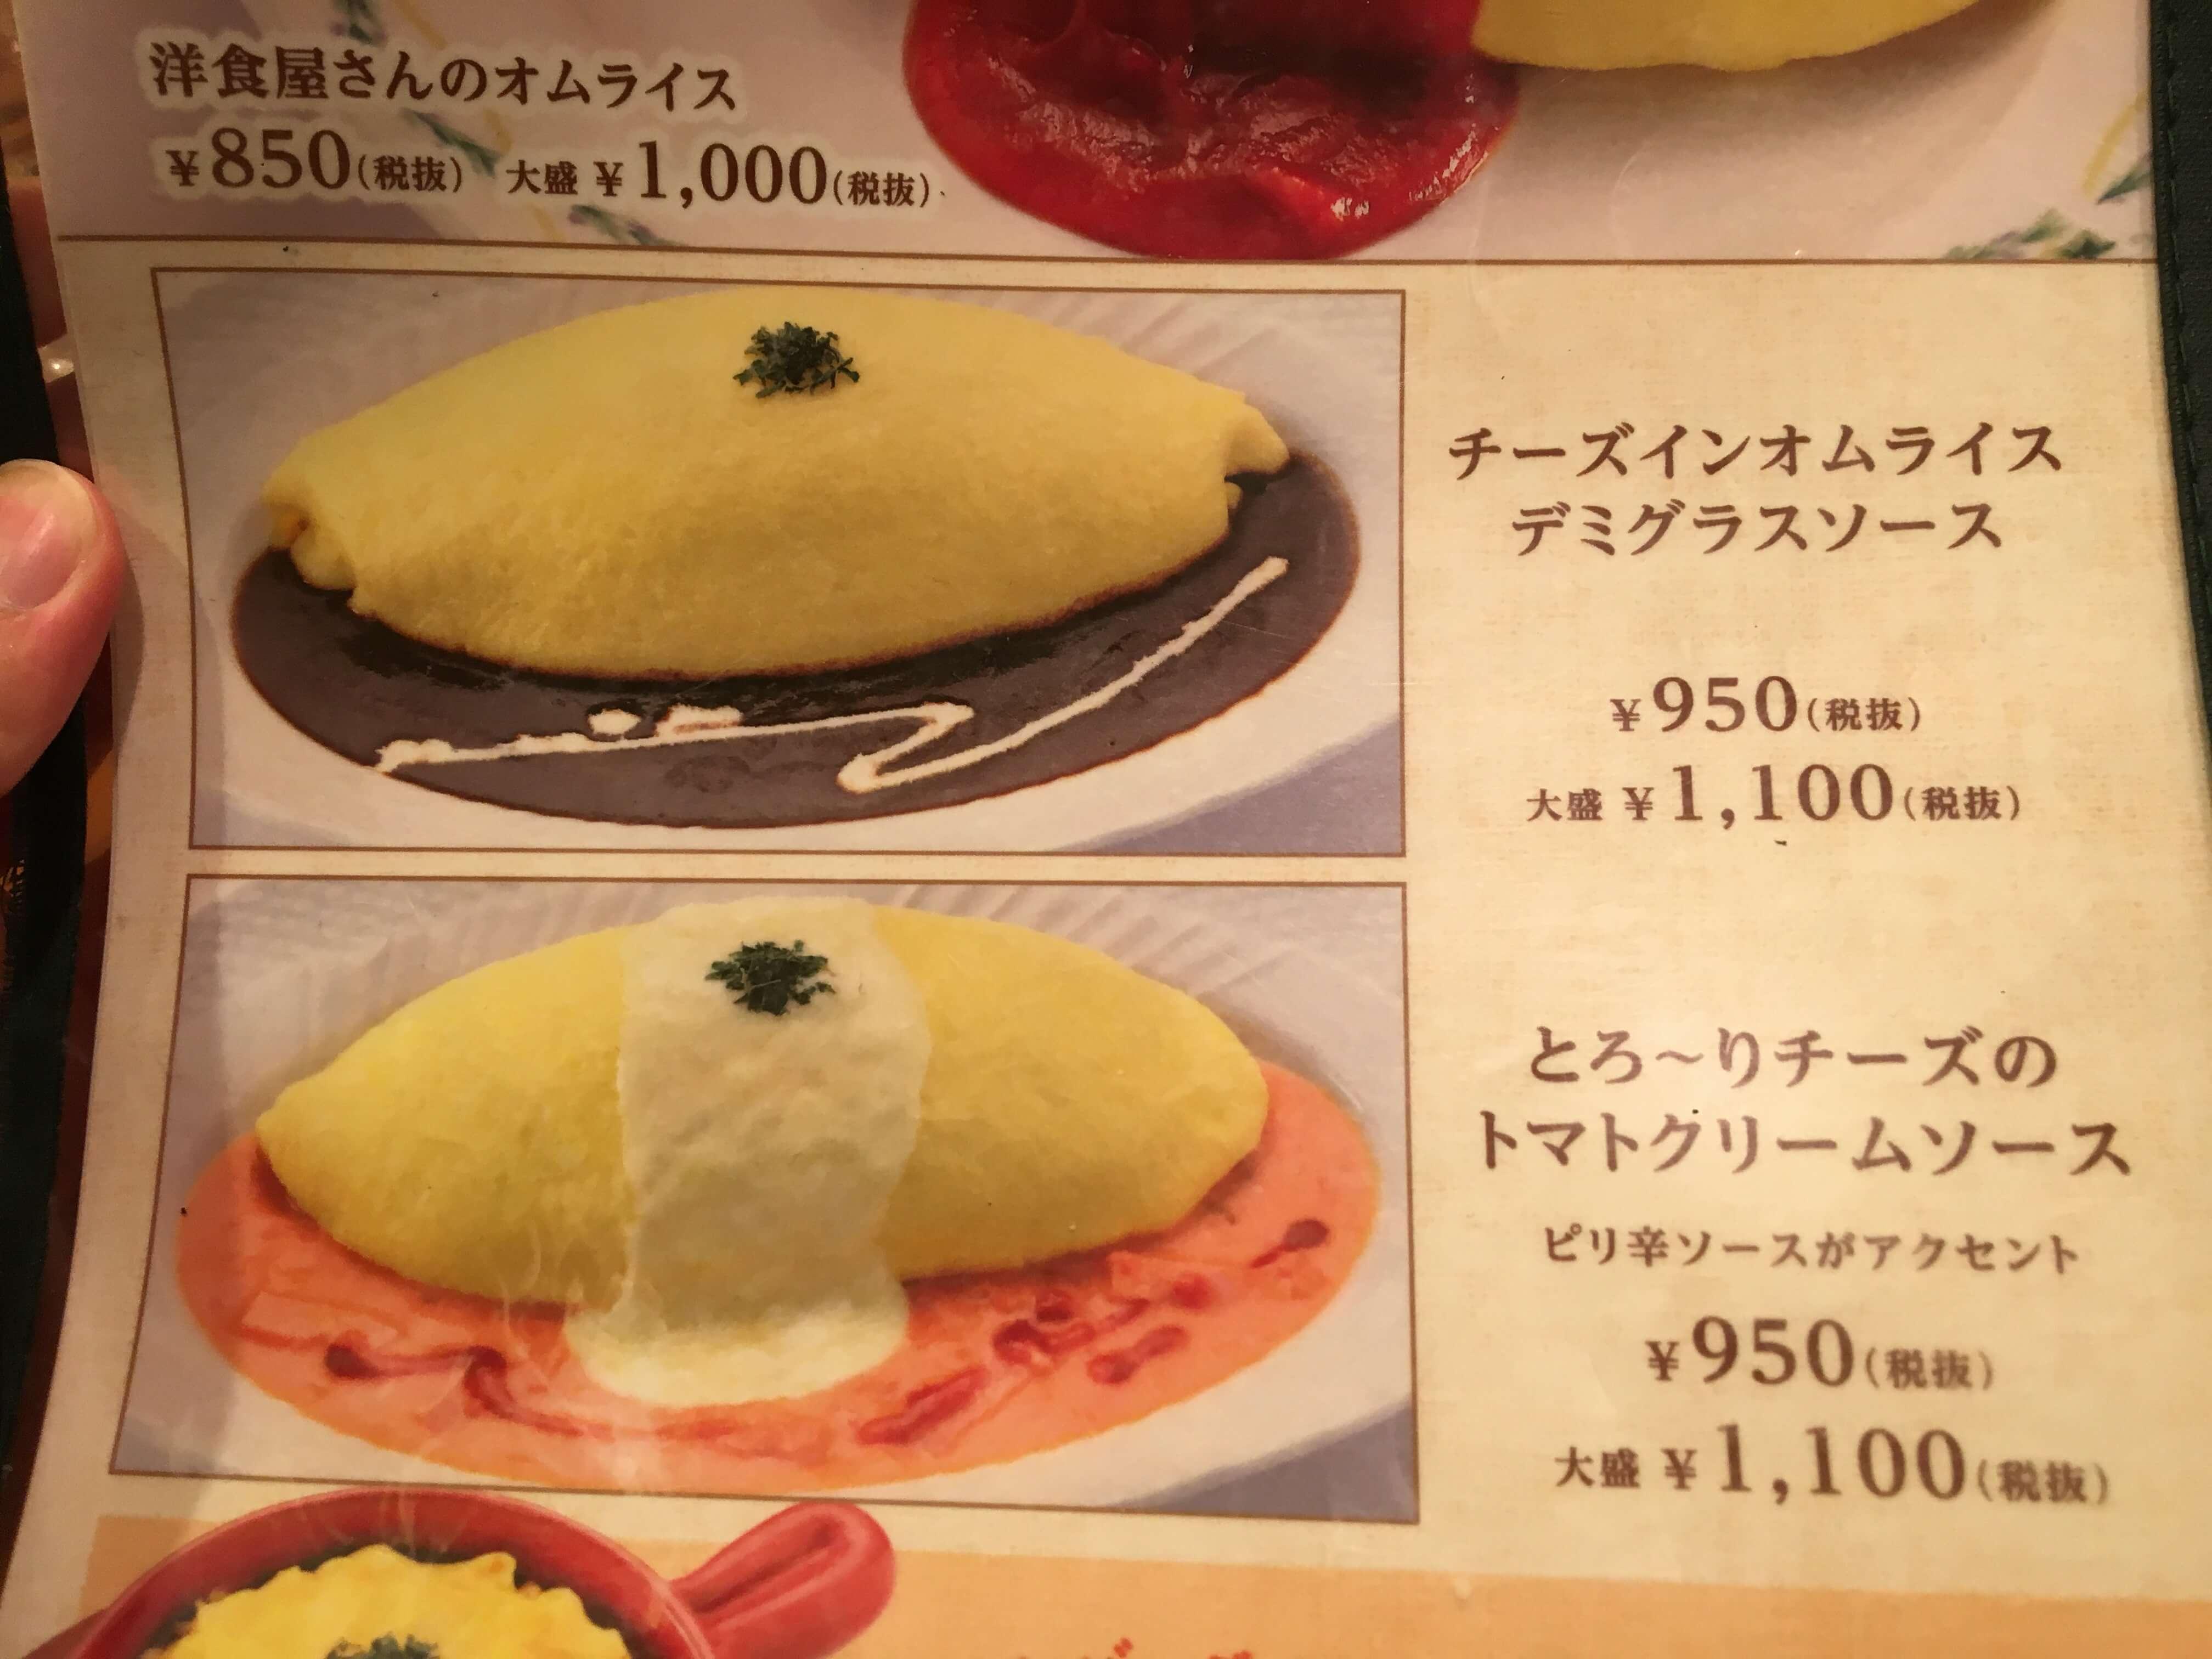 卵と私 札幌アピア店のメニュー(チーズインオムライス 不デミグラスソース・とろ〜りチーズのトマトクリームソース)